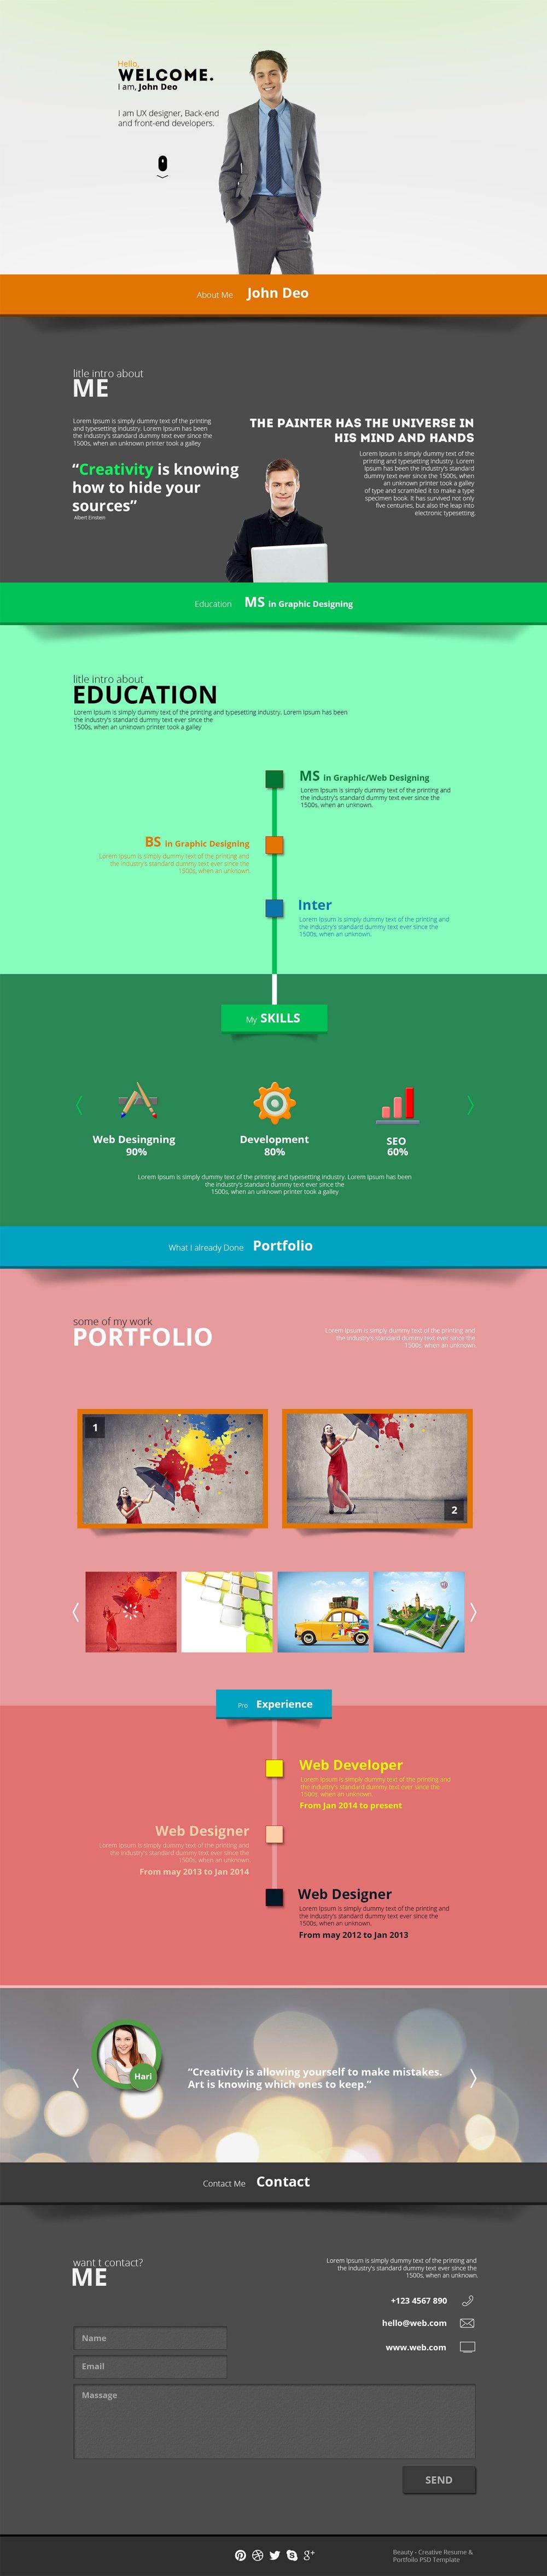 Free Portfolio Website Templates (PSD Portfolio website